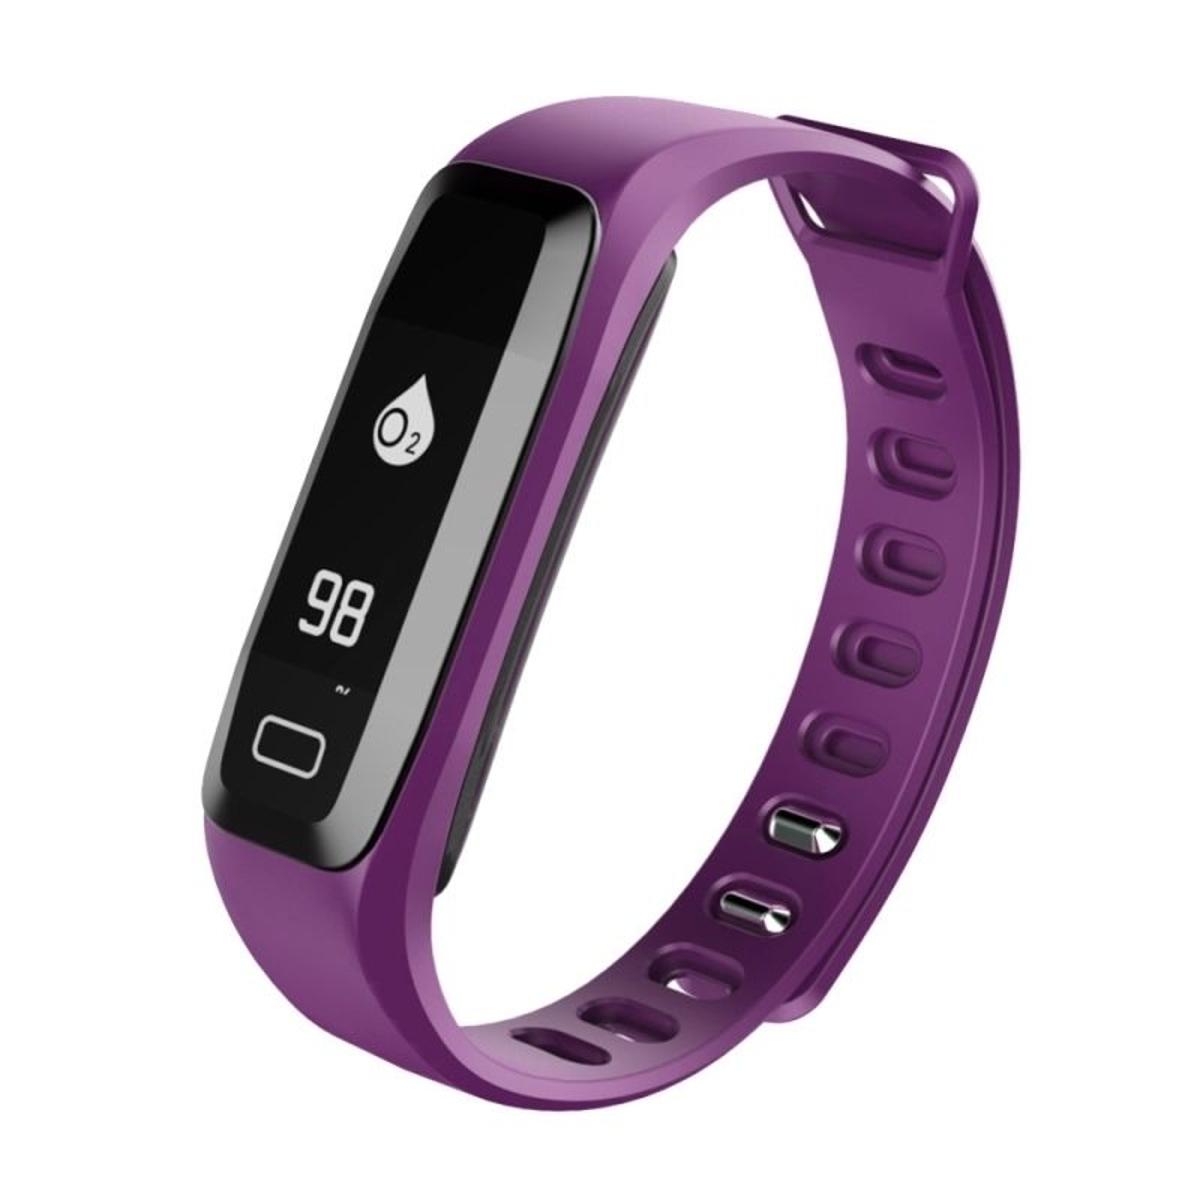 Bracelet Sport iOS Android Montre Connectée Ecran OLED Fitness Violet